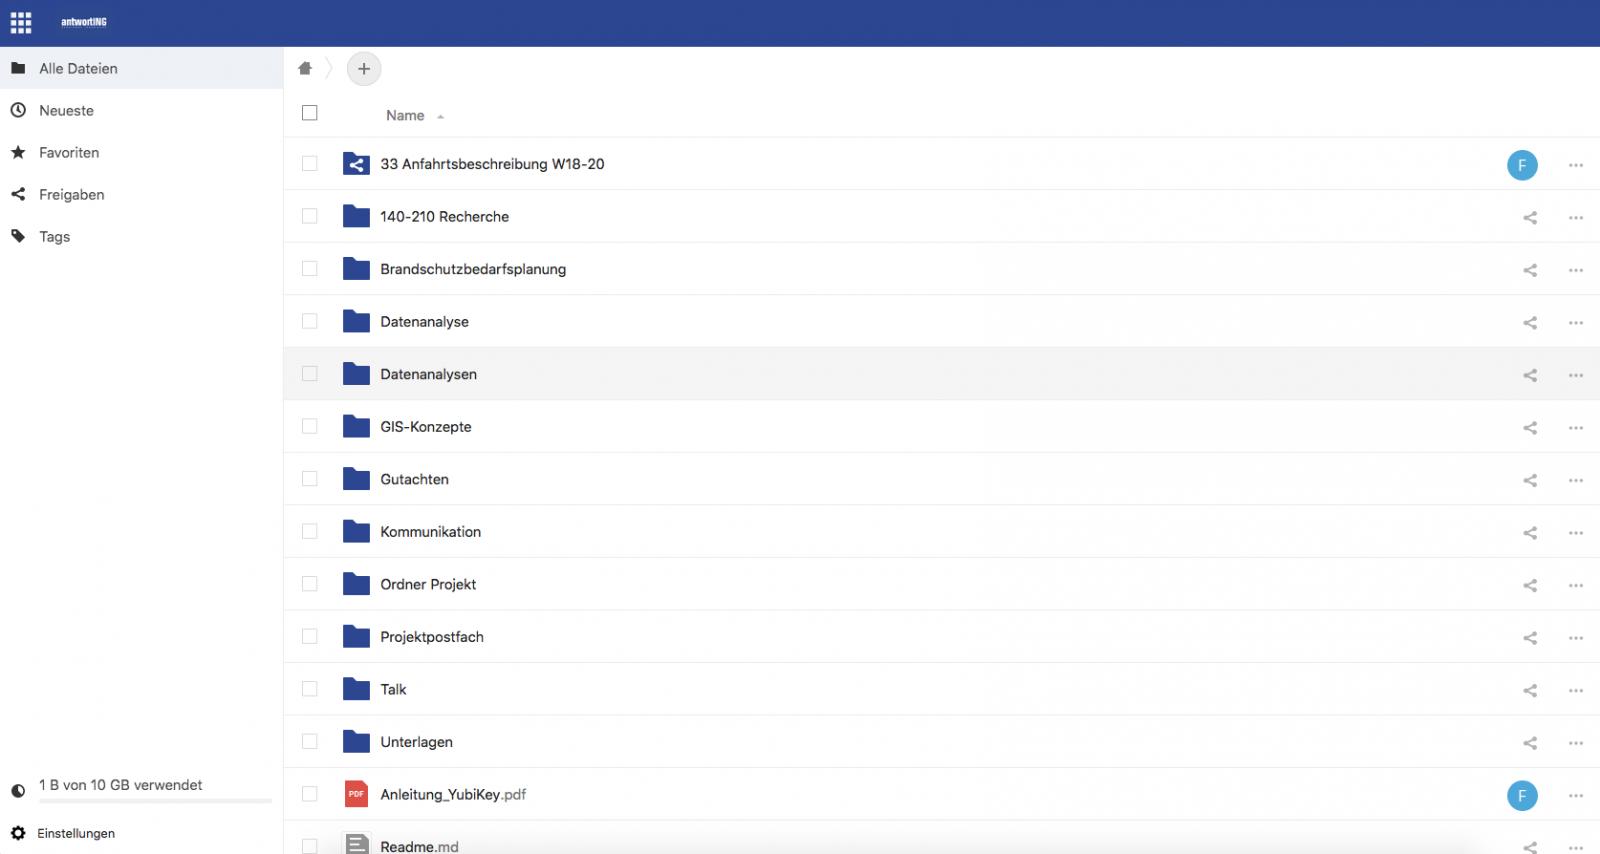 Alle Datein des Kundenportals